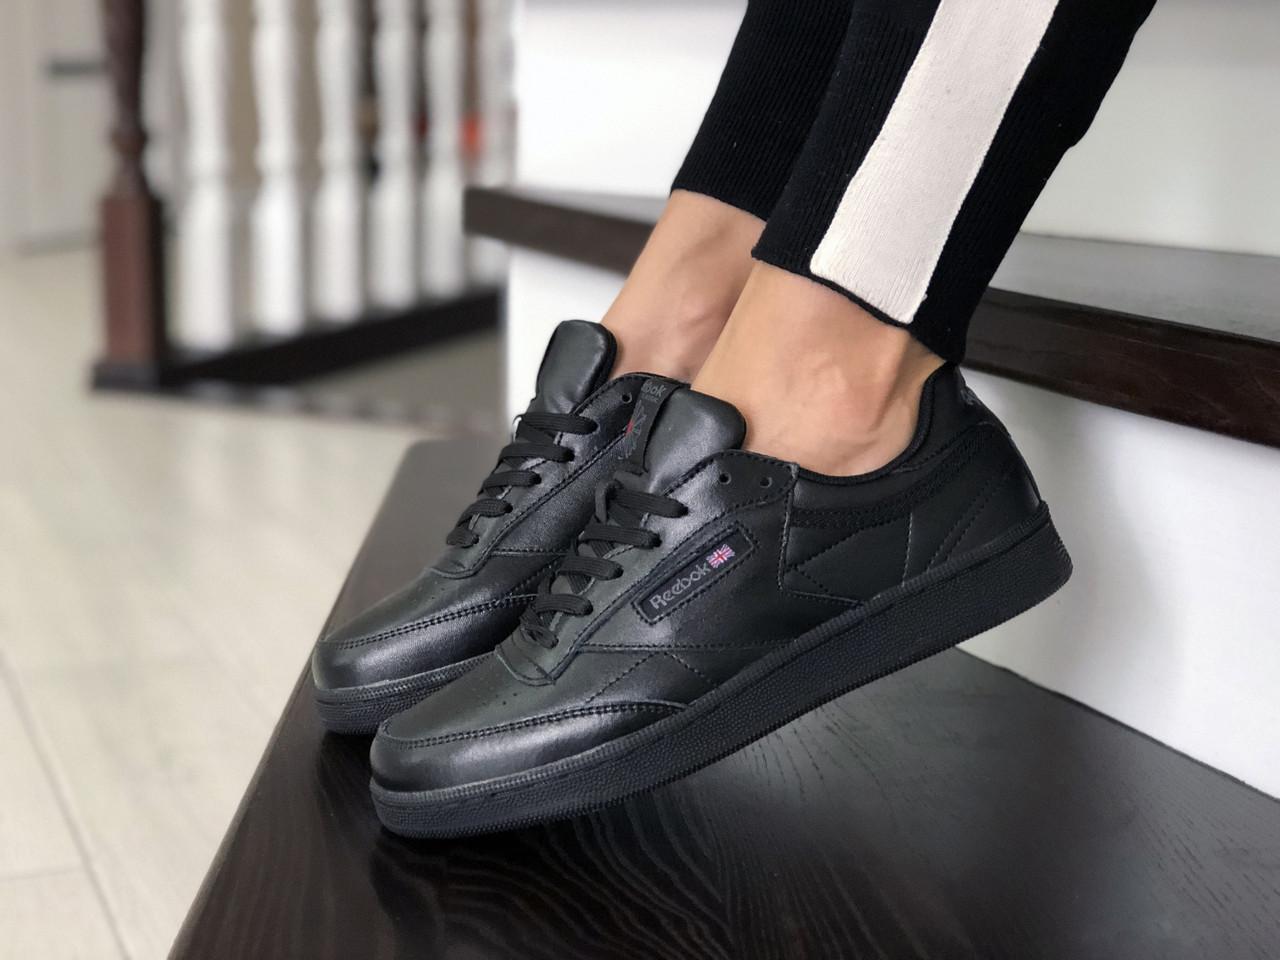 Жіночі кросівки Reebok Workout Classic (чорні) В10581 круті молодіжні кроси